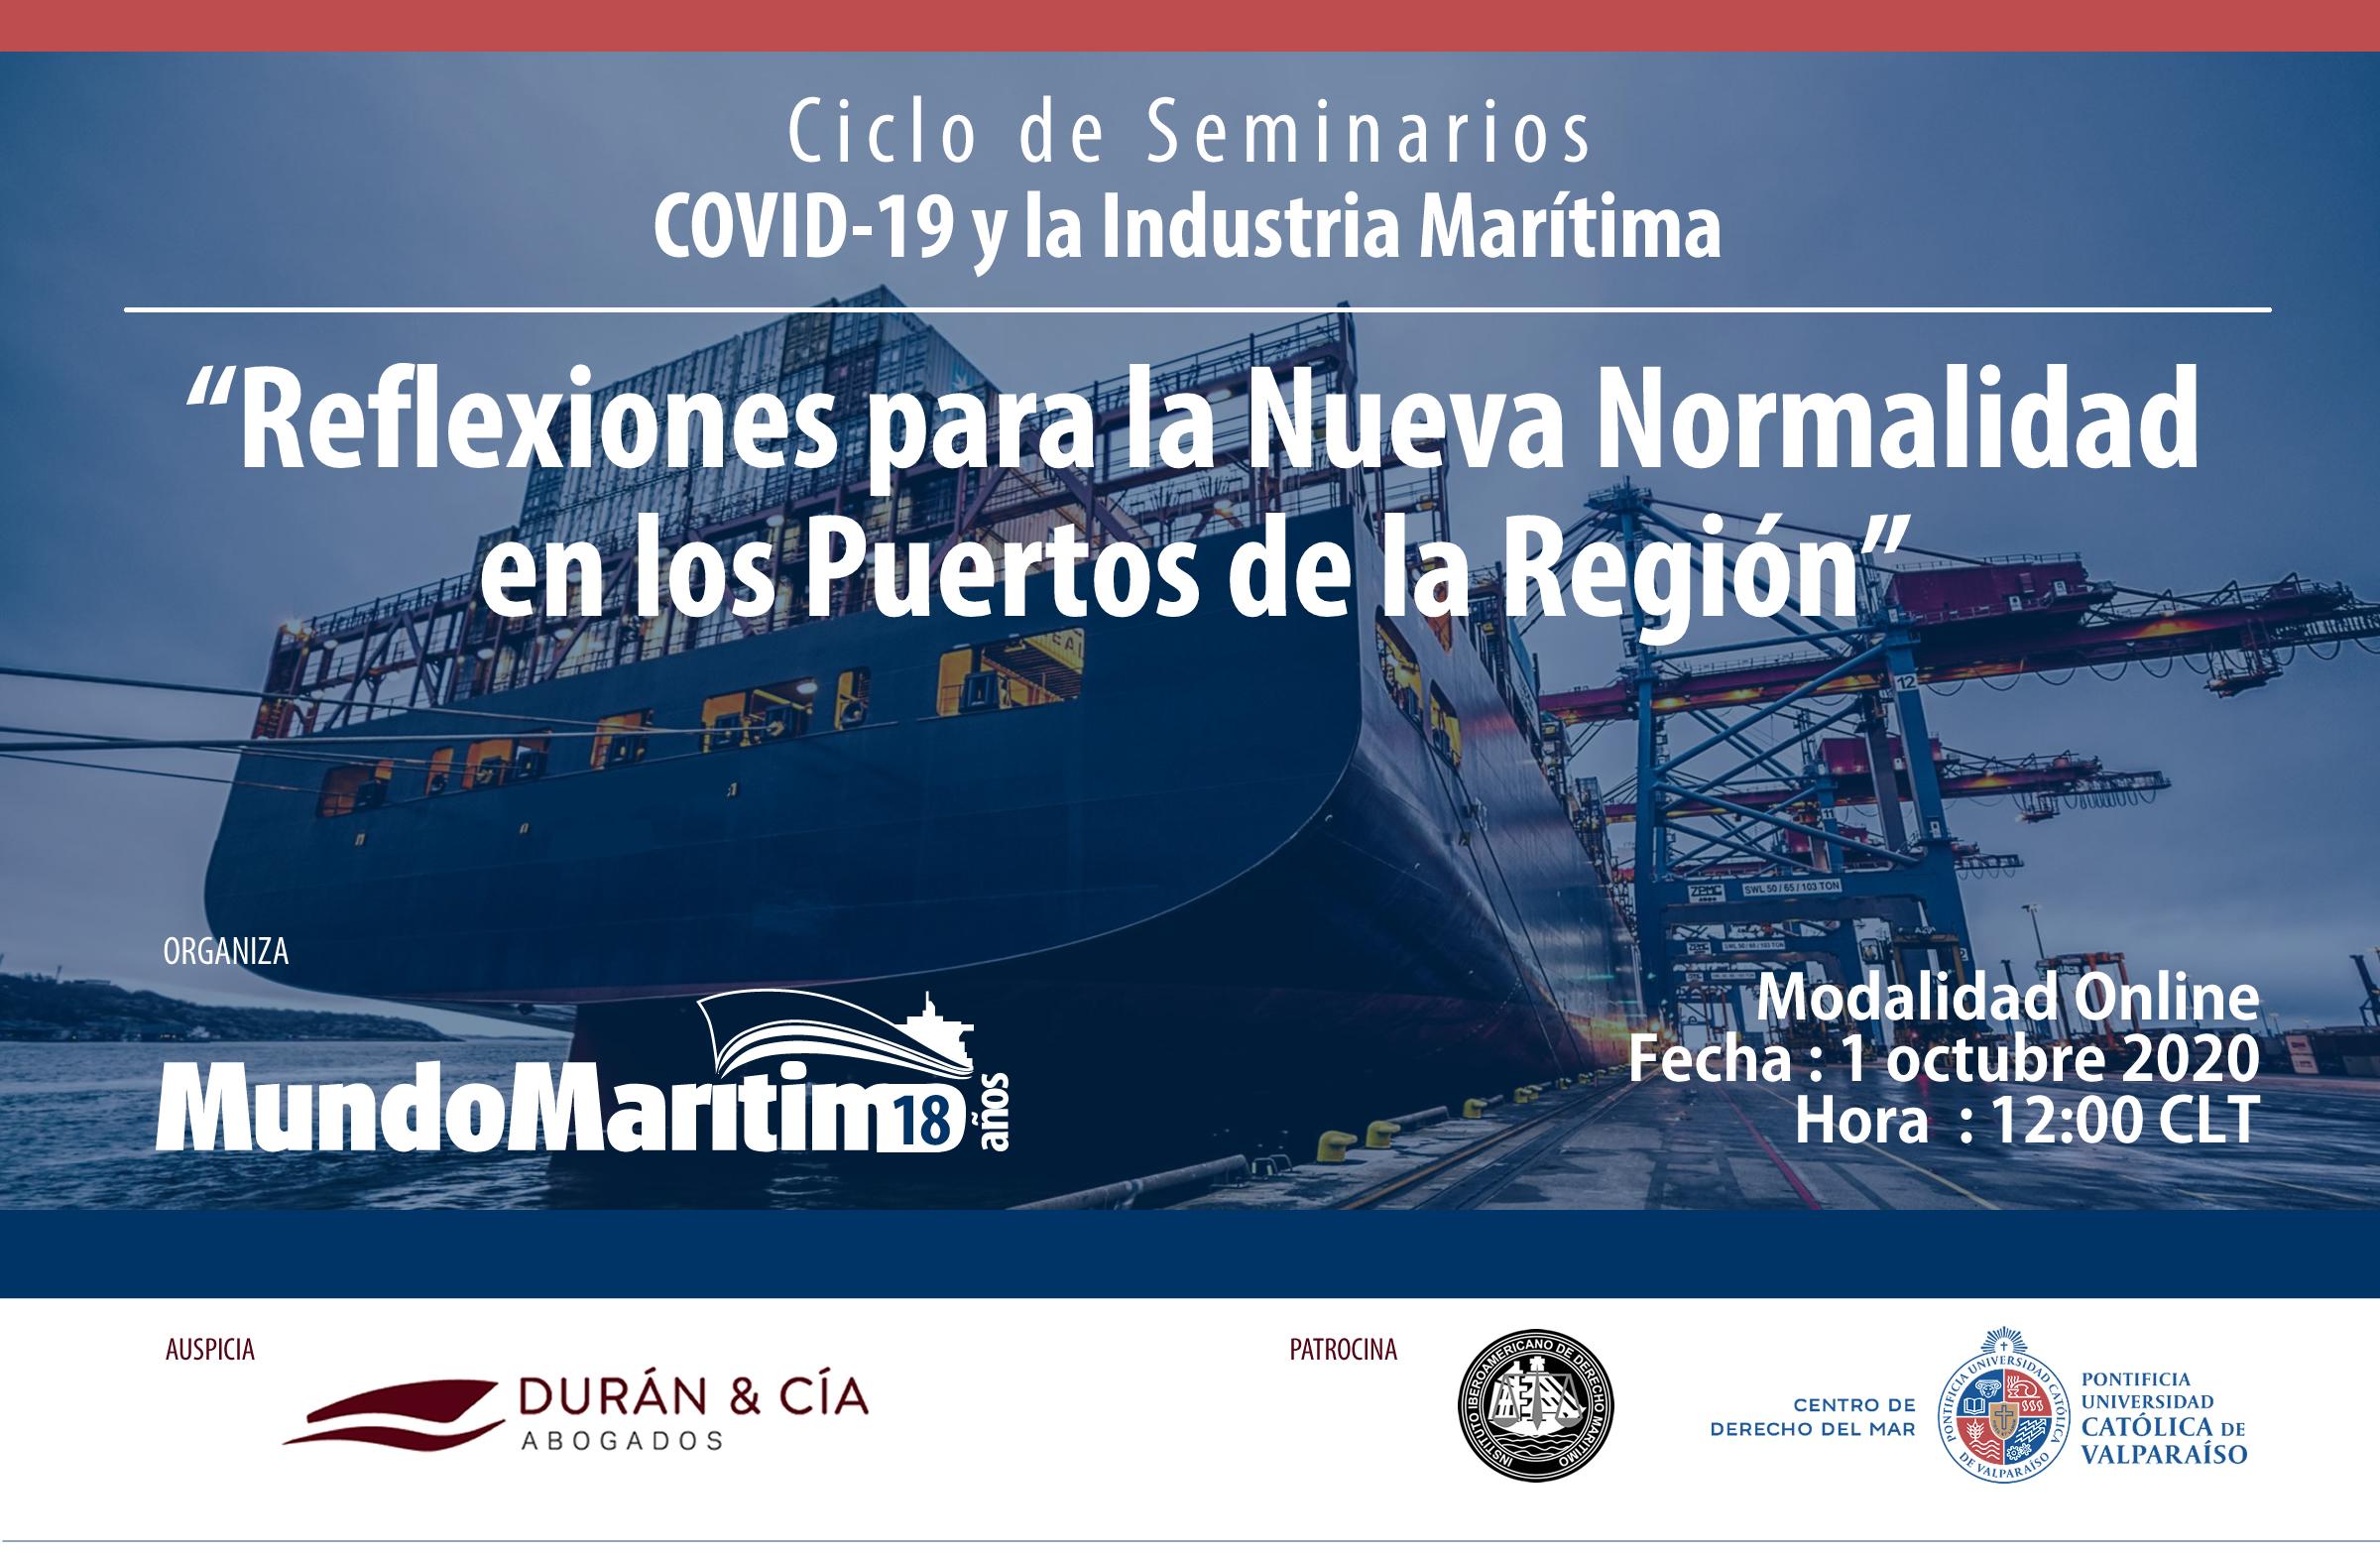 Reflexiones para la nueva normalidad en los puertos de la región